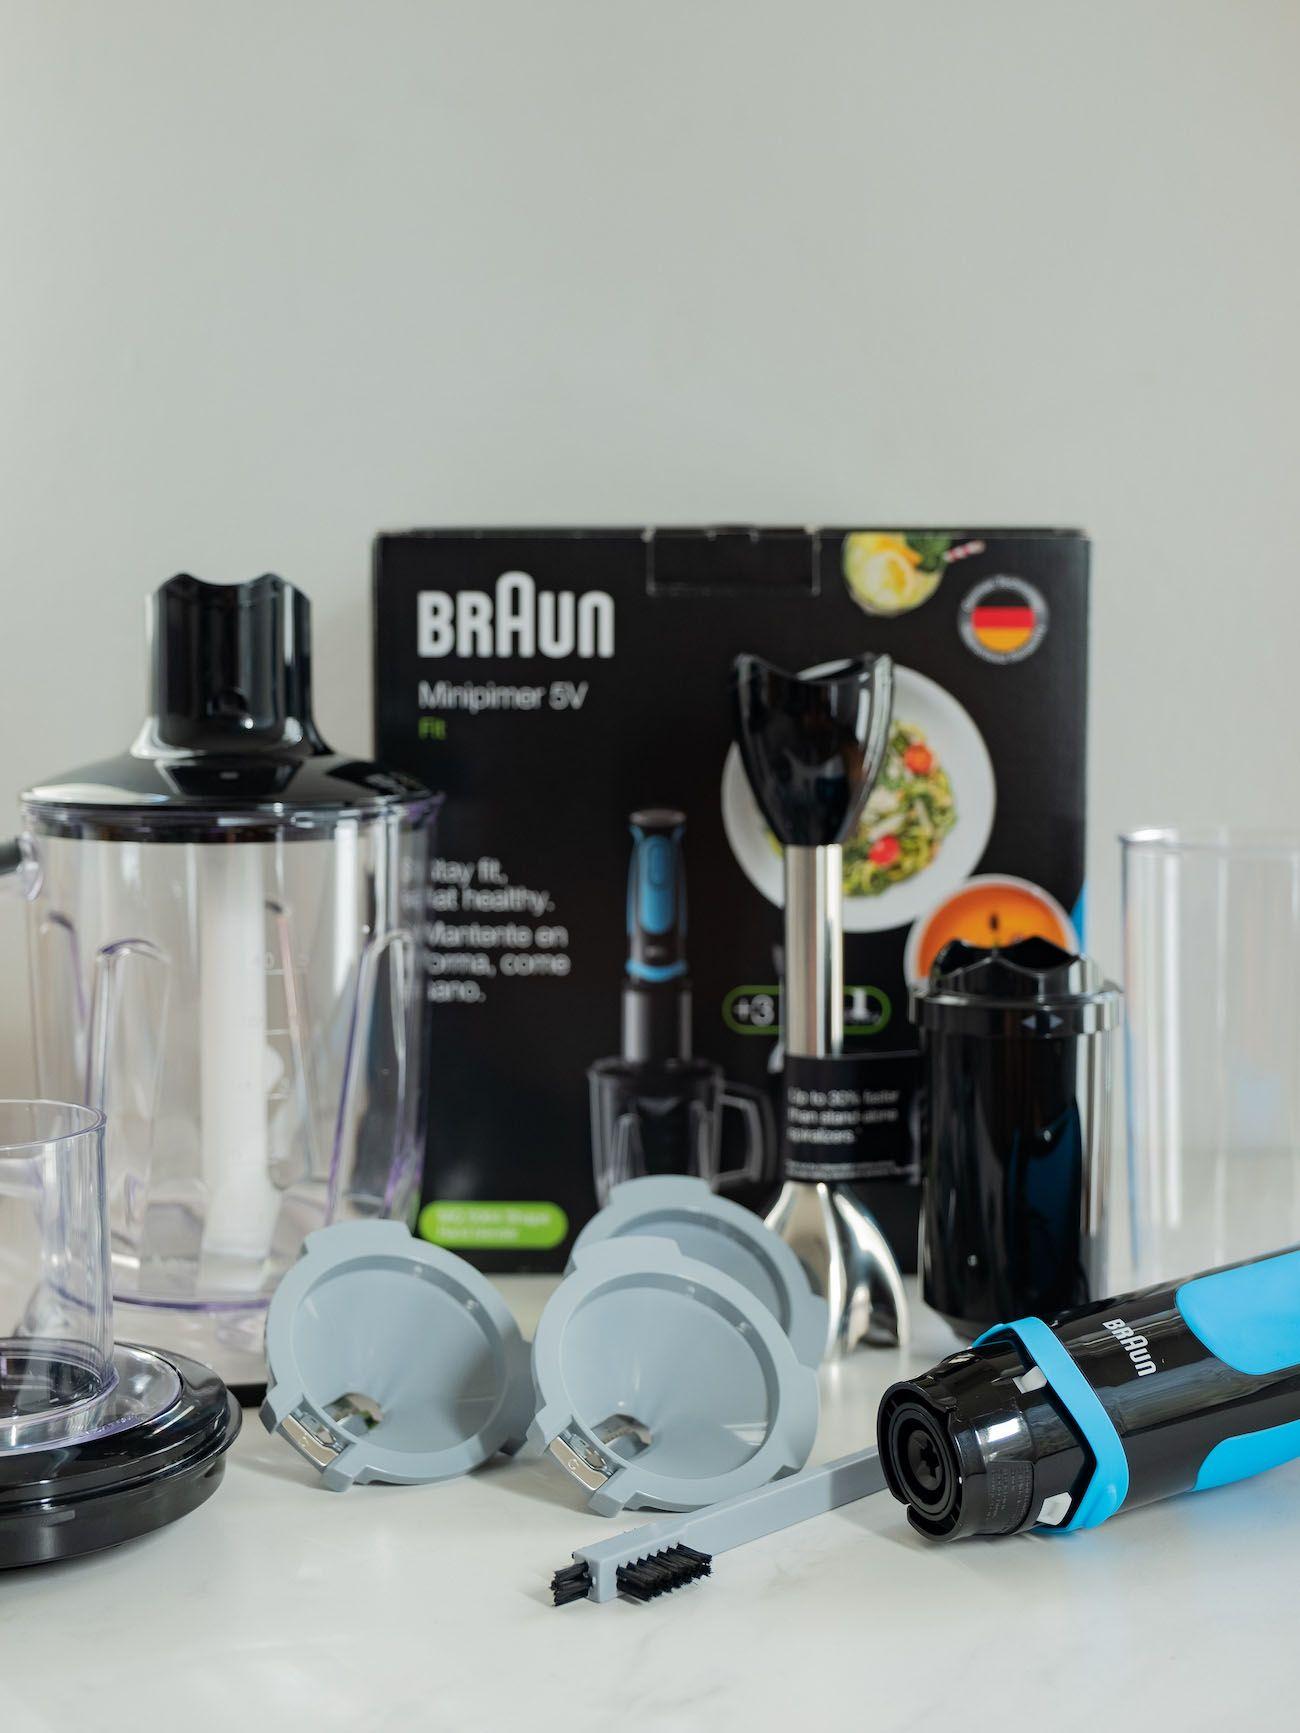 About Fuel, Foodblog, Leckerbissen, Braun Multiquik 5 Vario Fit, Stabmixer, Spiralschneider